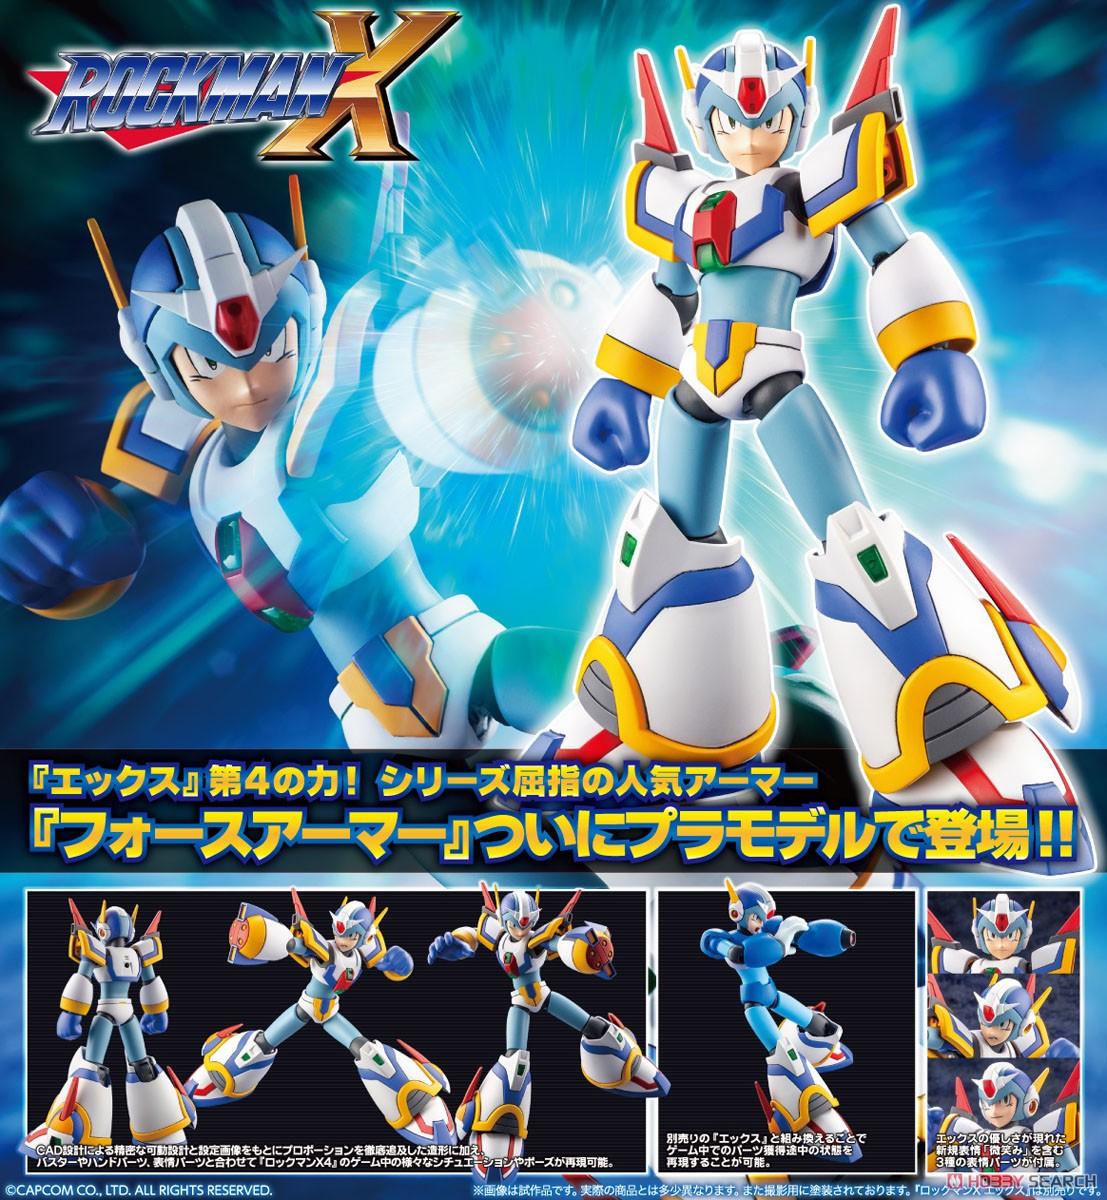 ロックマンX『エックス ライジングファイアVer.』1/12 プラモデル-010